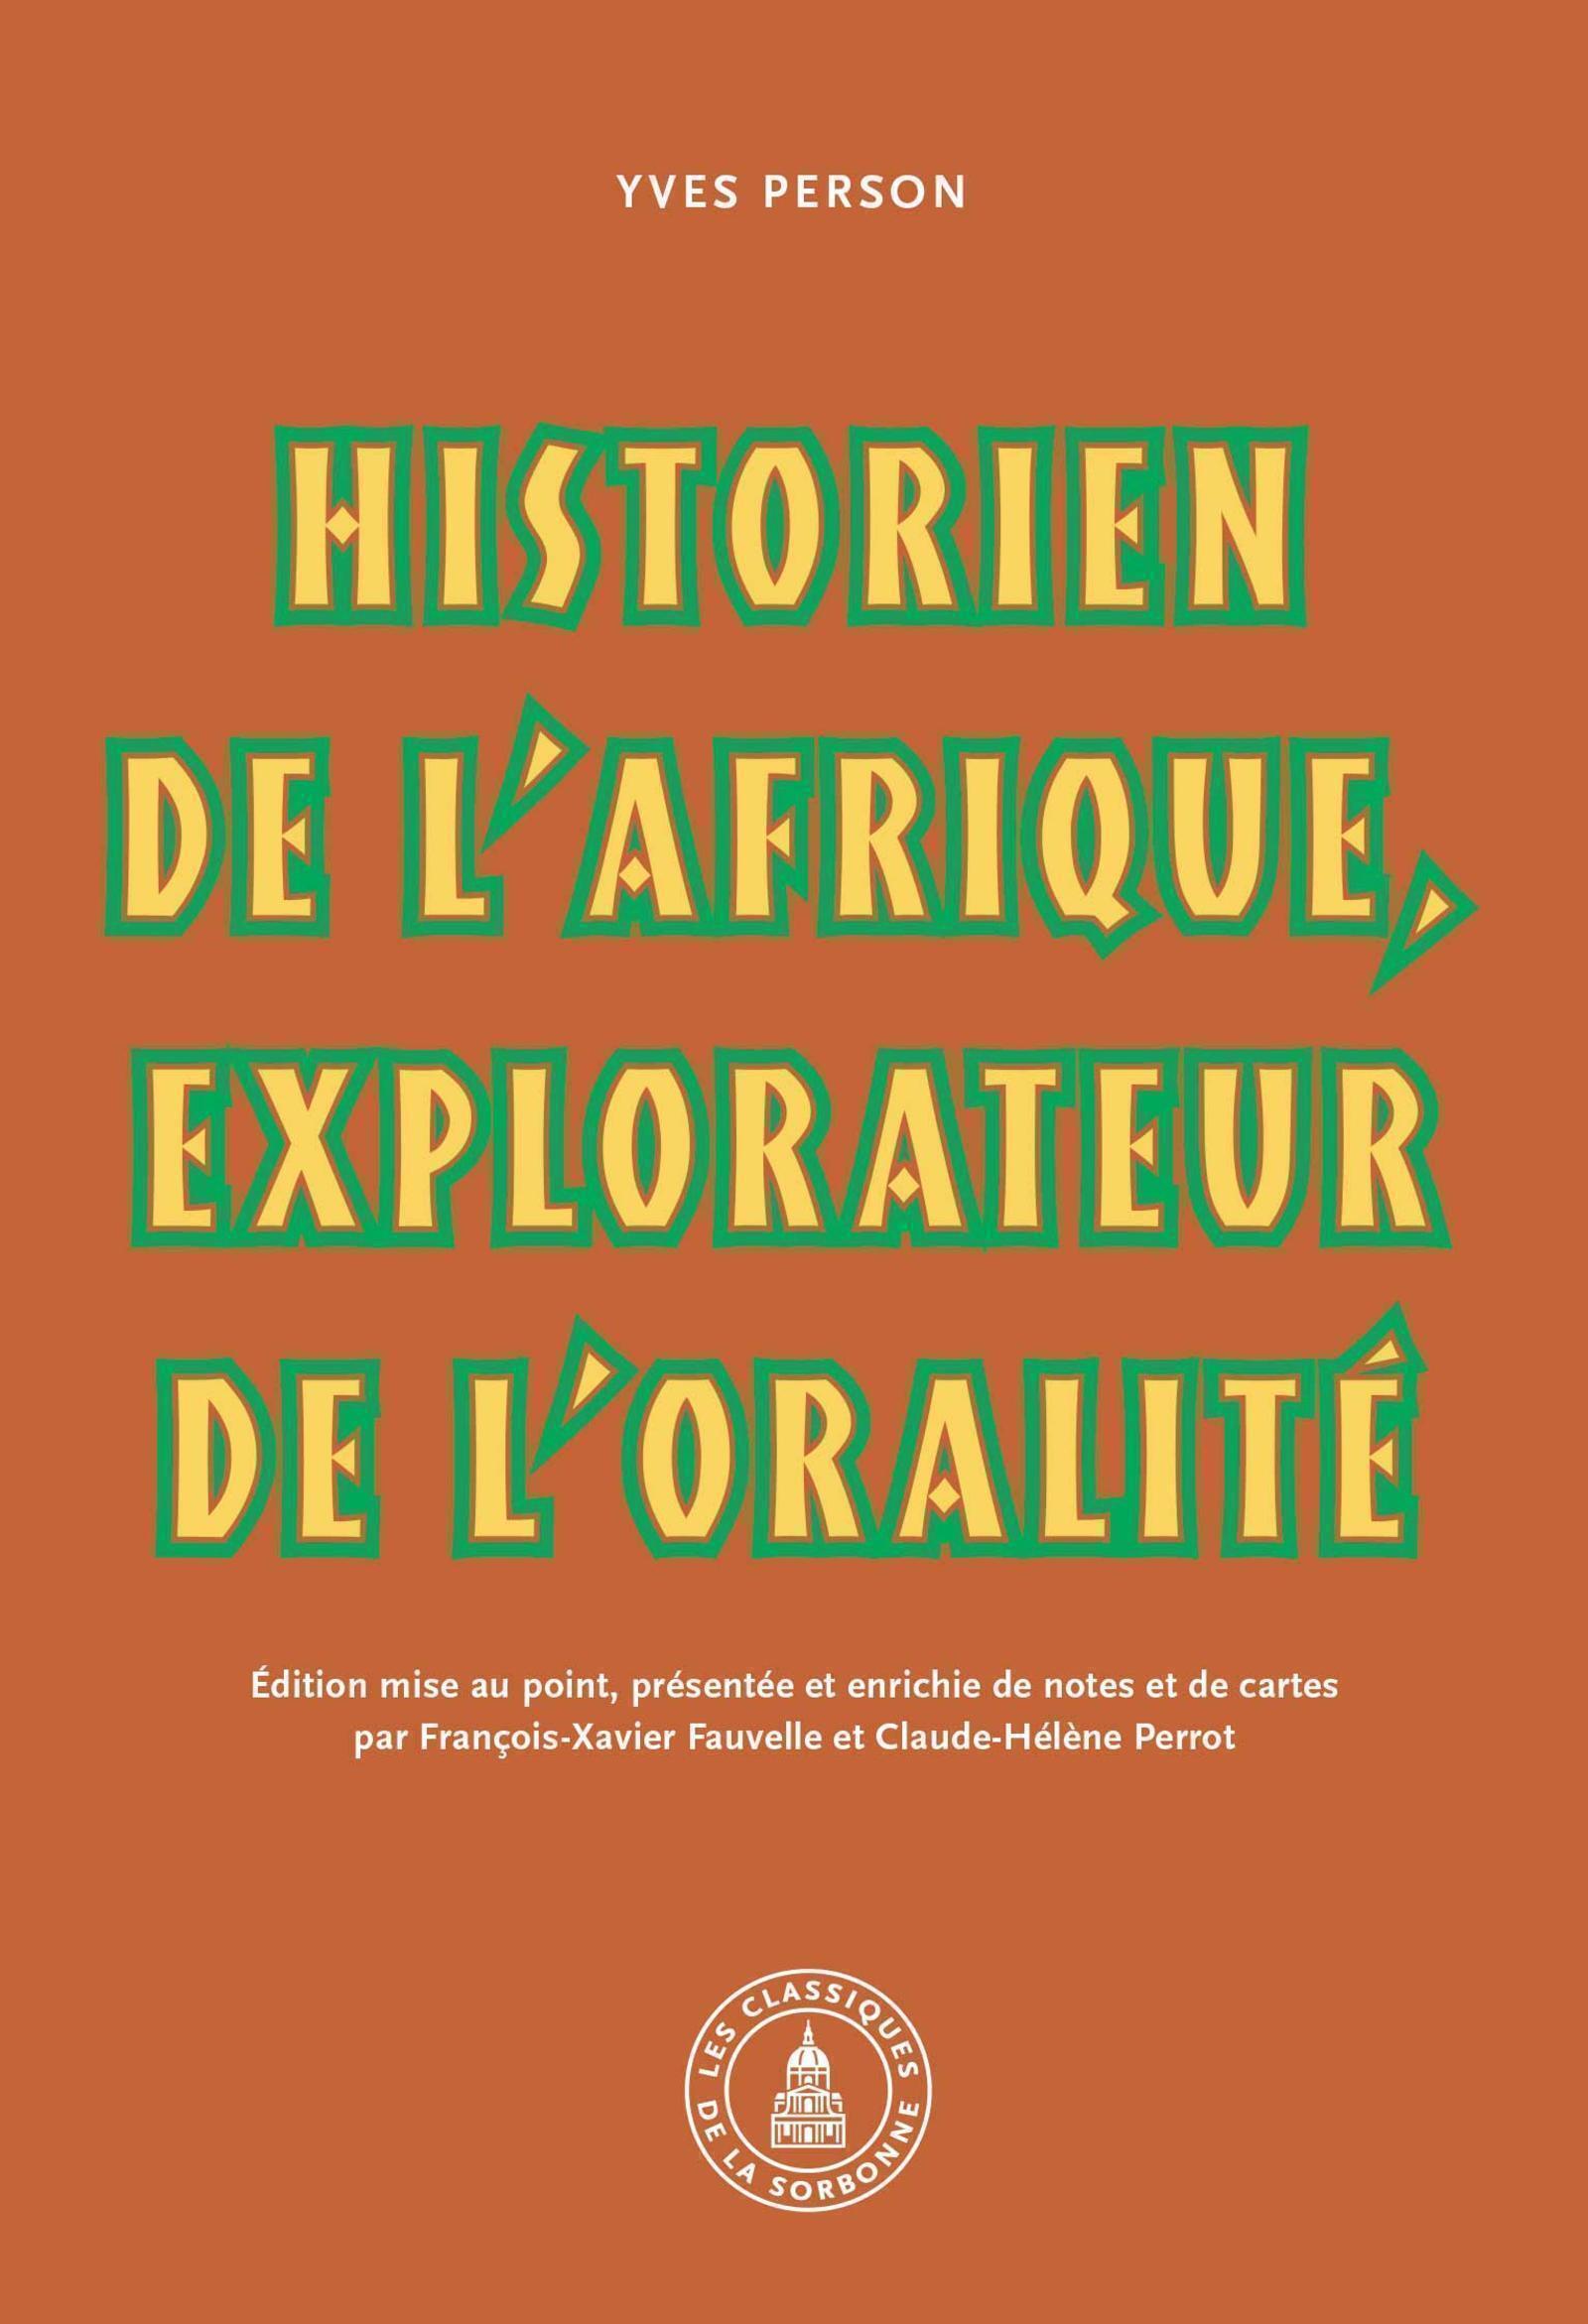 YVES PERSON : HISTORIEN DE L'AFRIQUE, EXPLORATEUR DE L'ORALITE